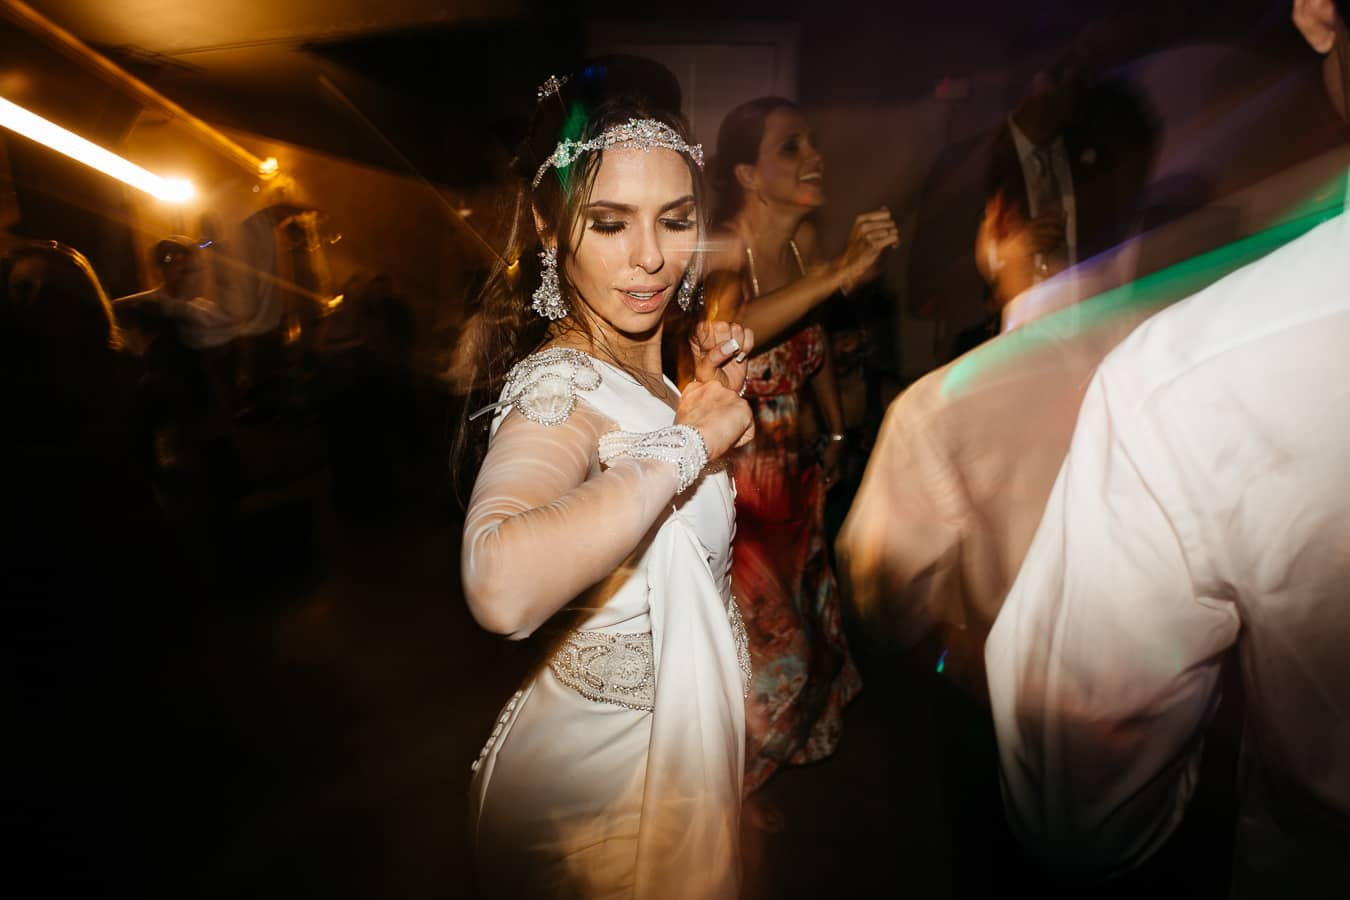 Festa de Casamento no L'ô 142 Restaurante em Fortaleza-CE.